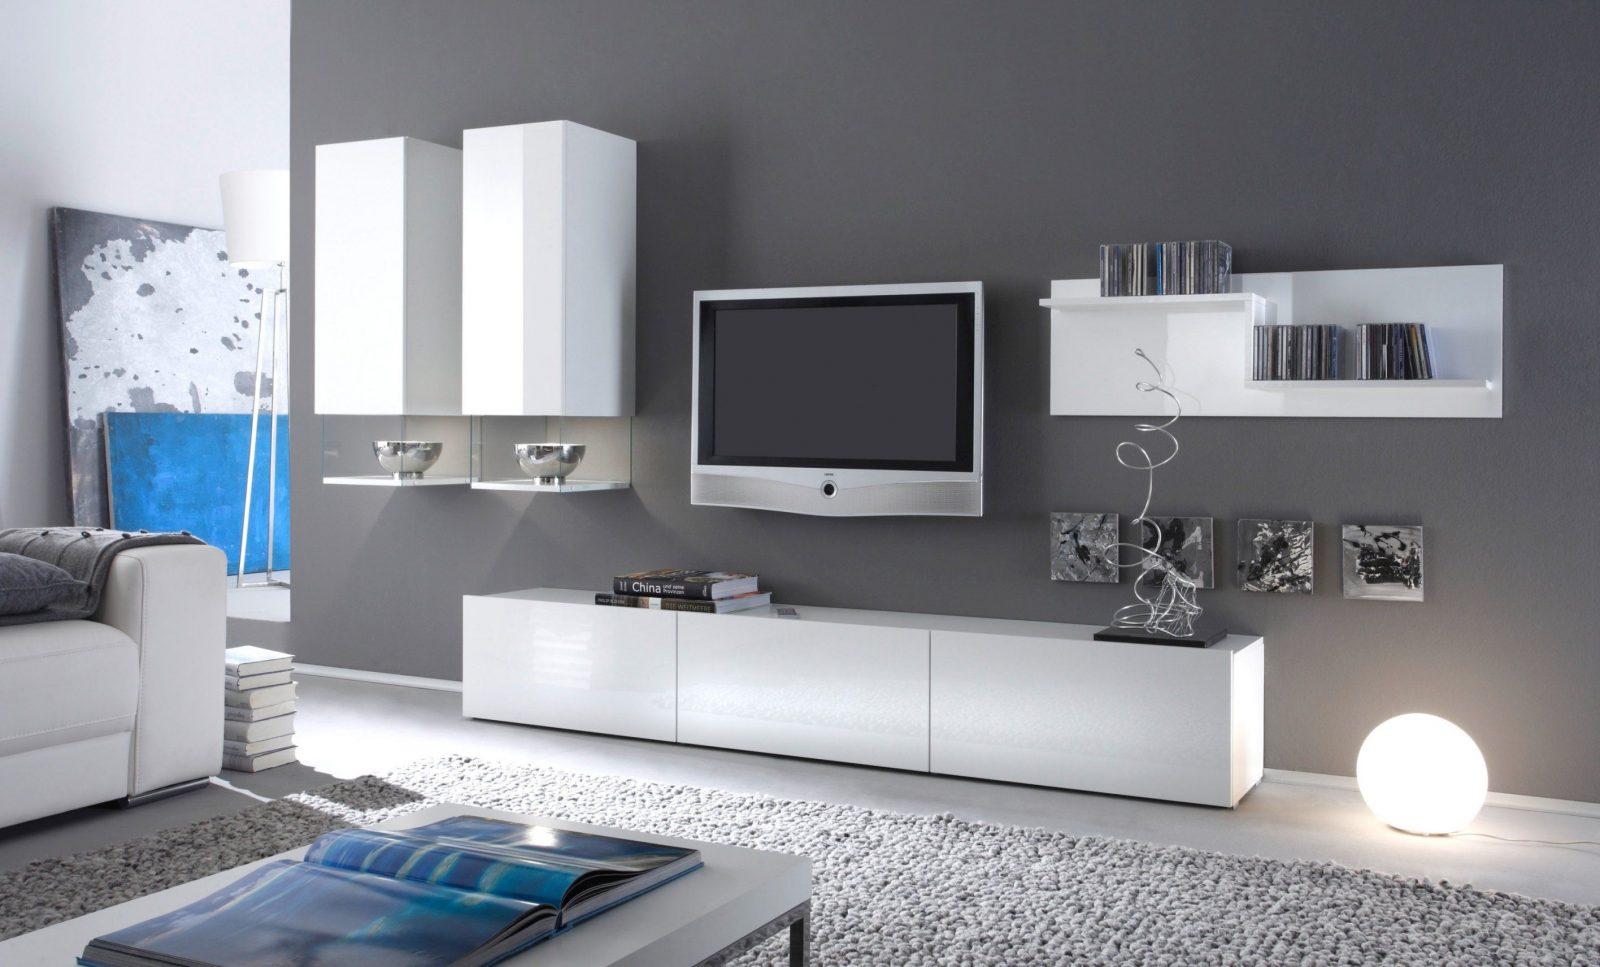 Hängeschrank Wohnzimmer Weiss Hochglanz  Beste Sammlung Von Möbel von Hängeschrank Weiß Hochglanz Wohnzimmer Bild